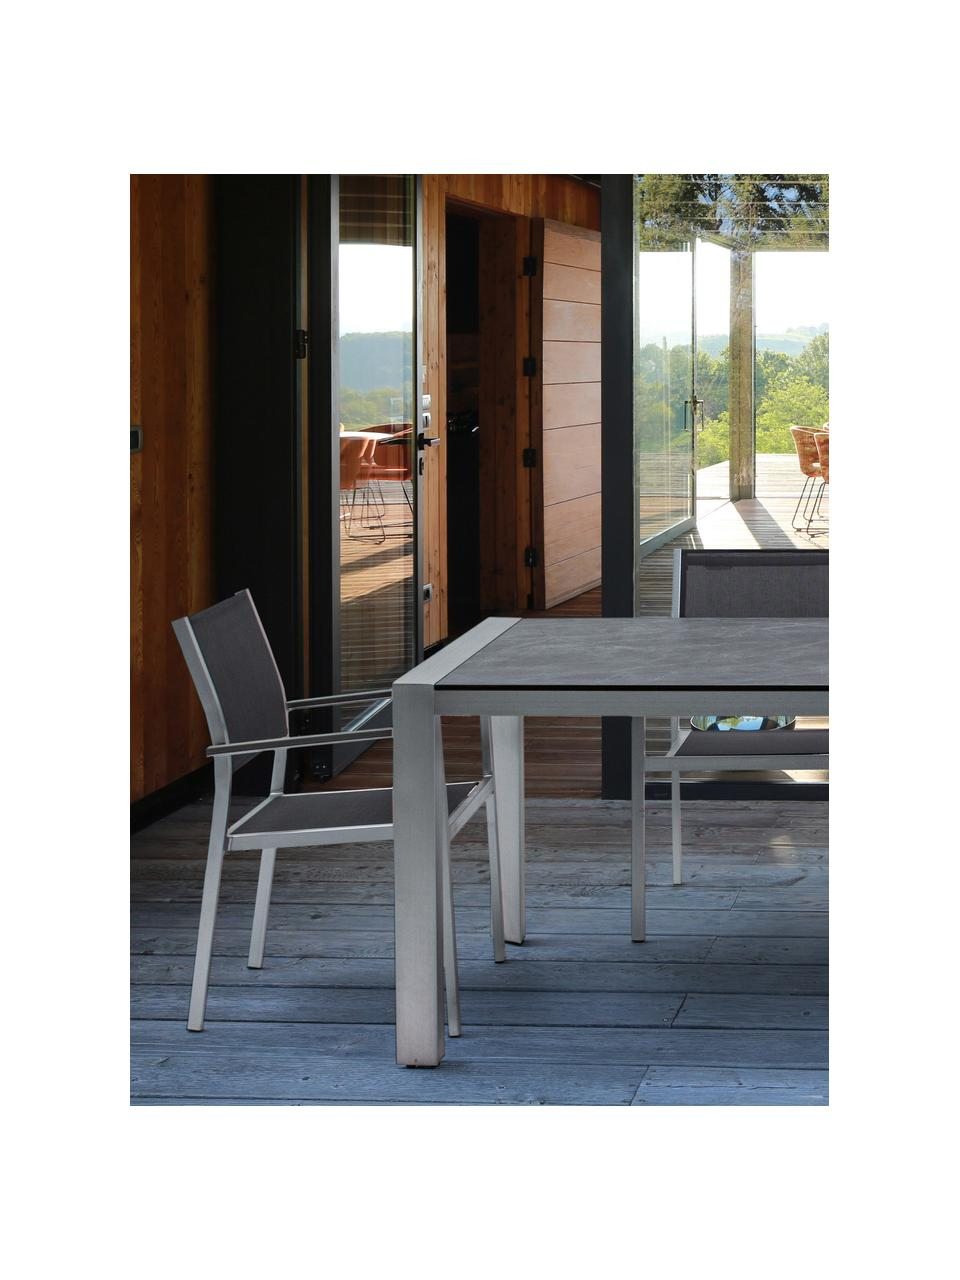 Garten-Esstisch Inez in Grau, Gestell: Aluminium, satiniert, Tischplatte: Zelluloselaminat, mit Har, Silber, Grau, 198 x 90 cm